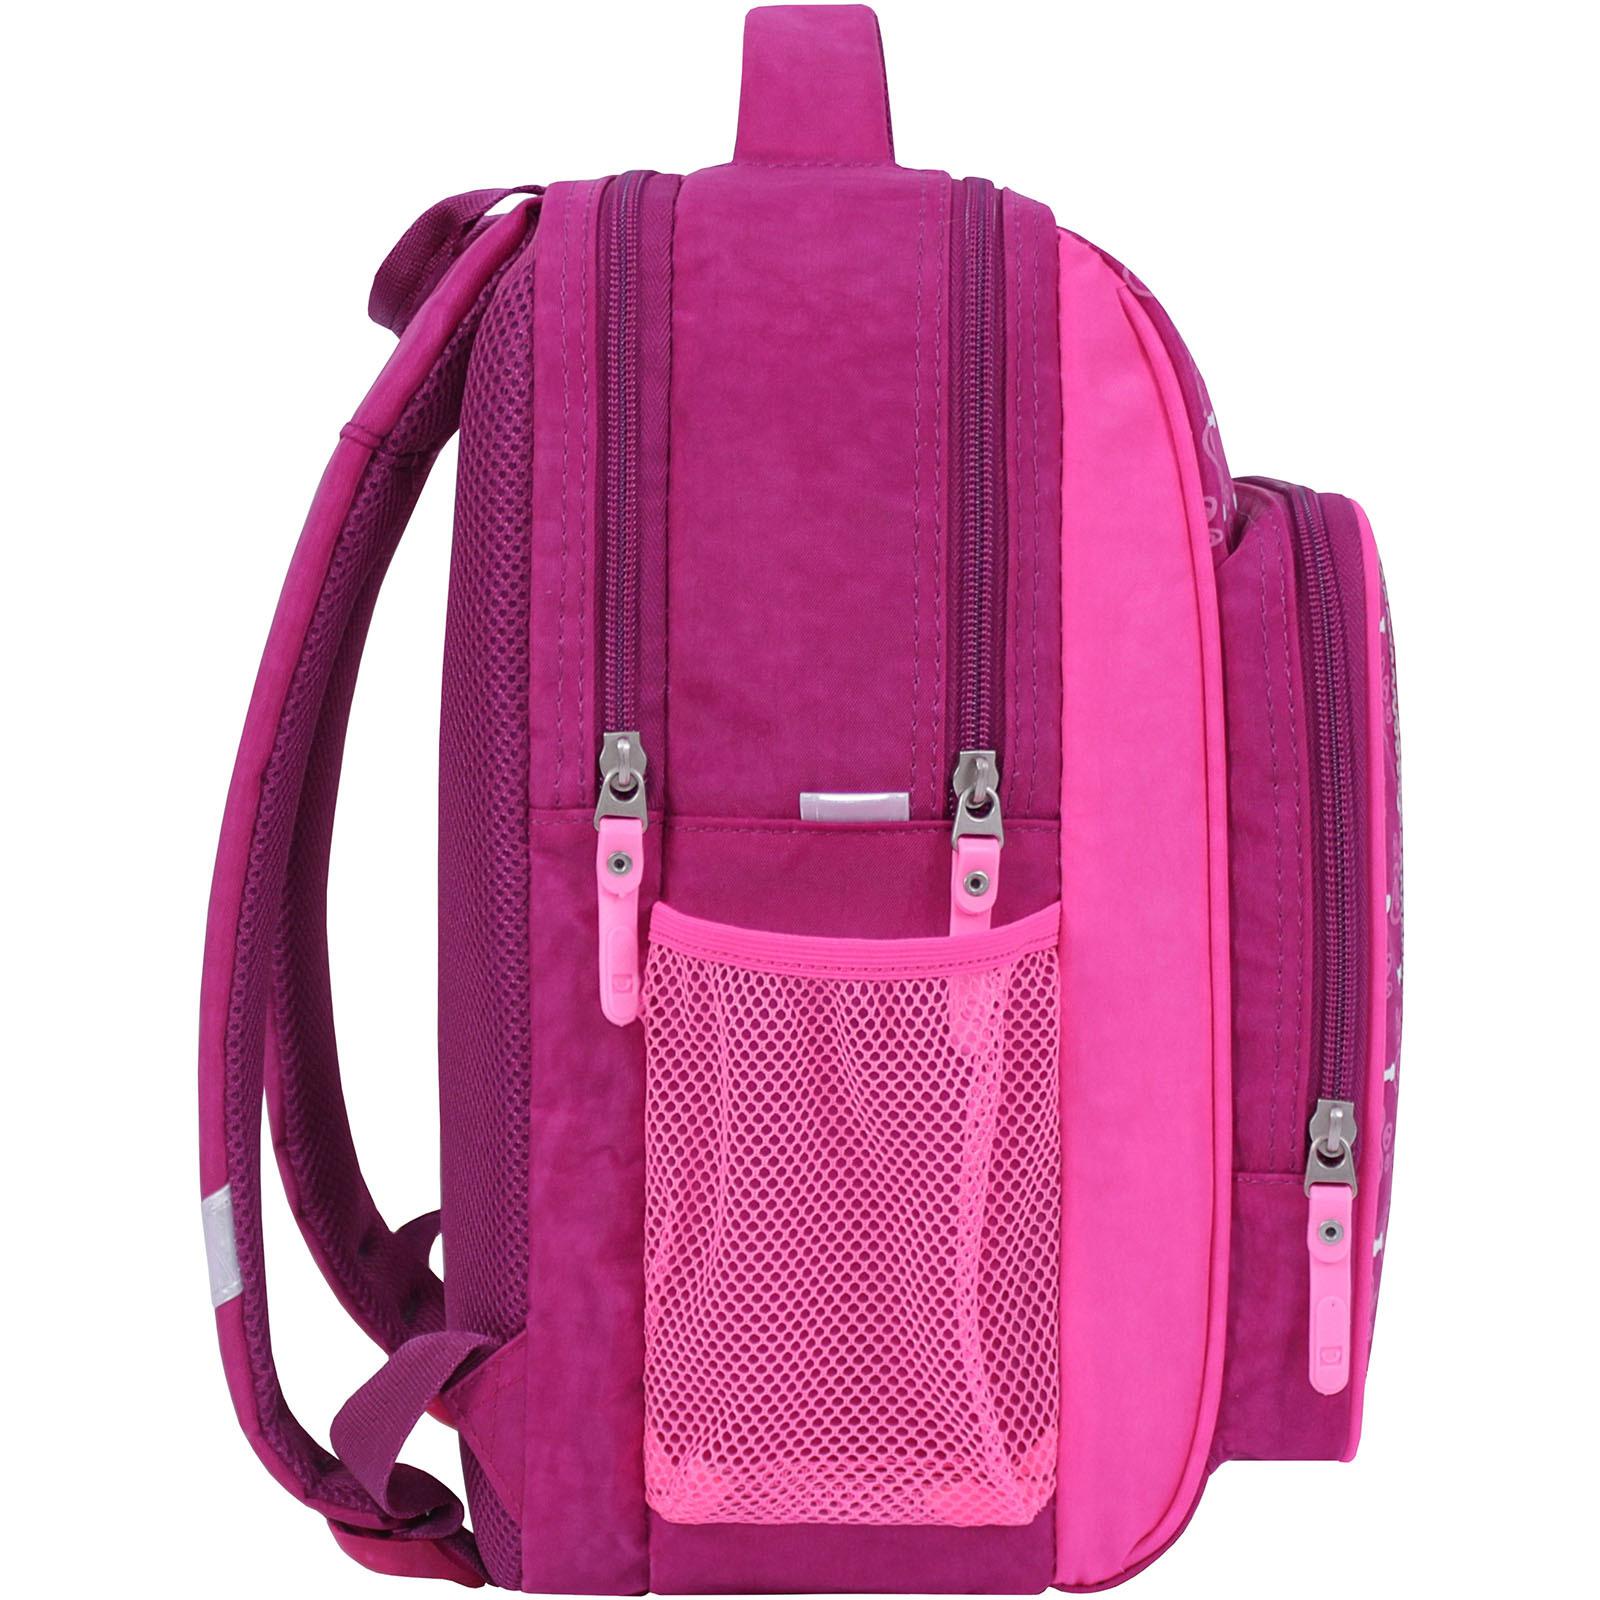 Рюкзак школьный Bagland Школьник 8 л. 143 малиновый 561 (0012870) фото 2